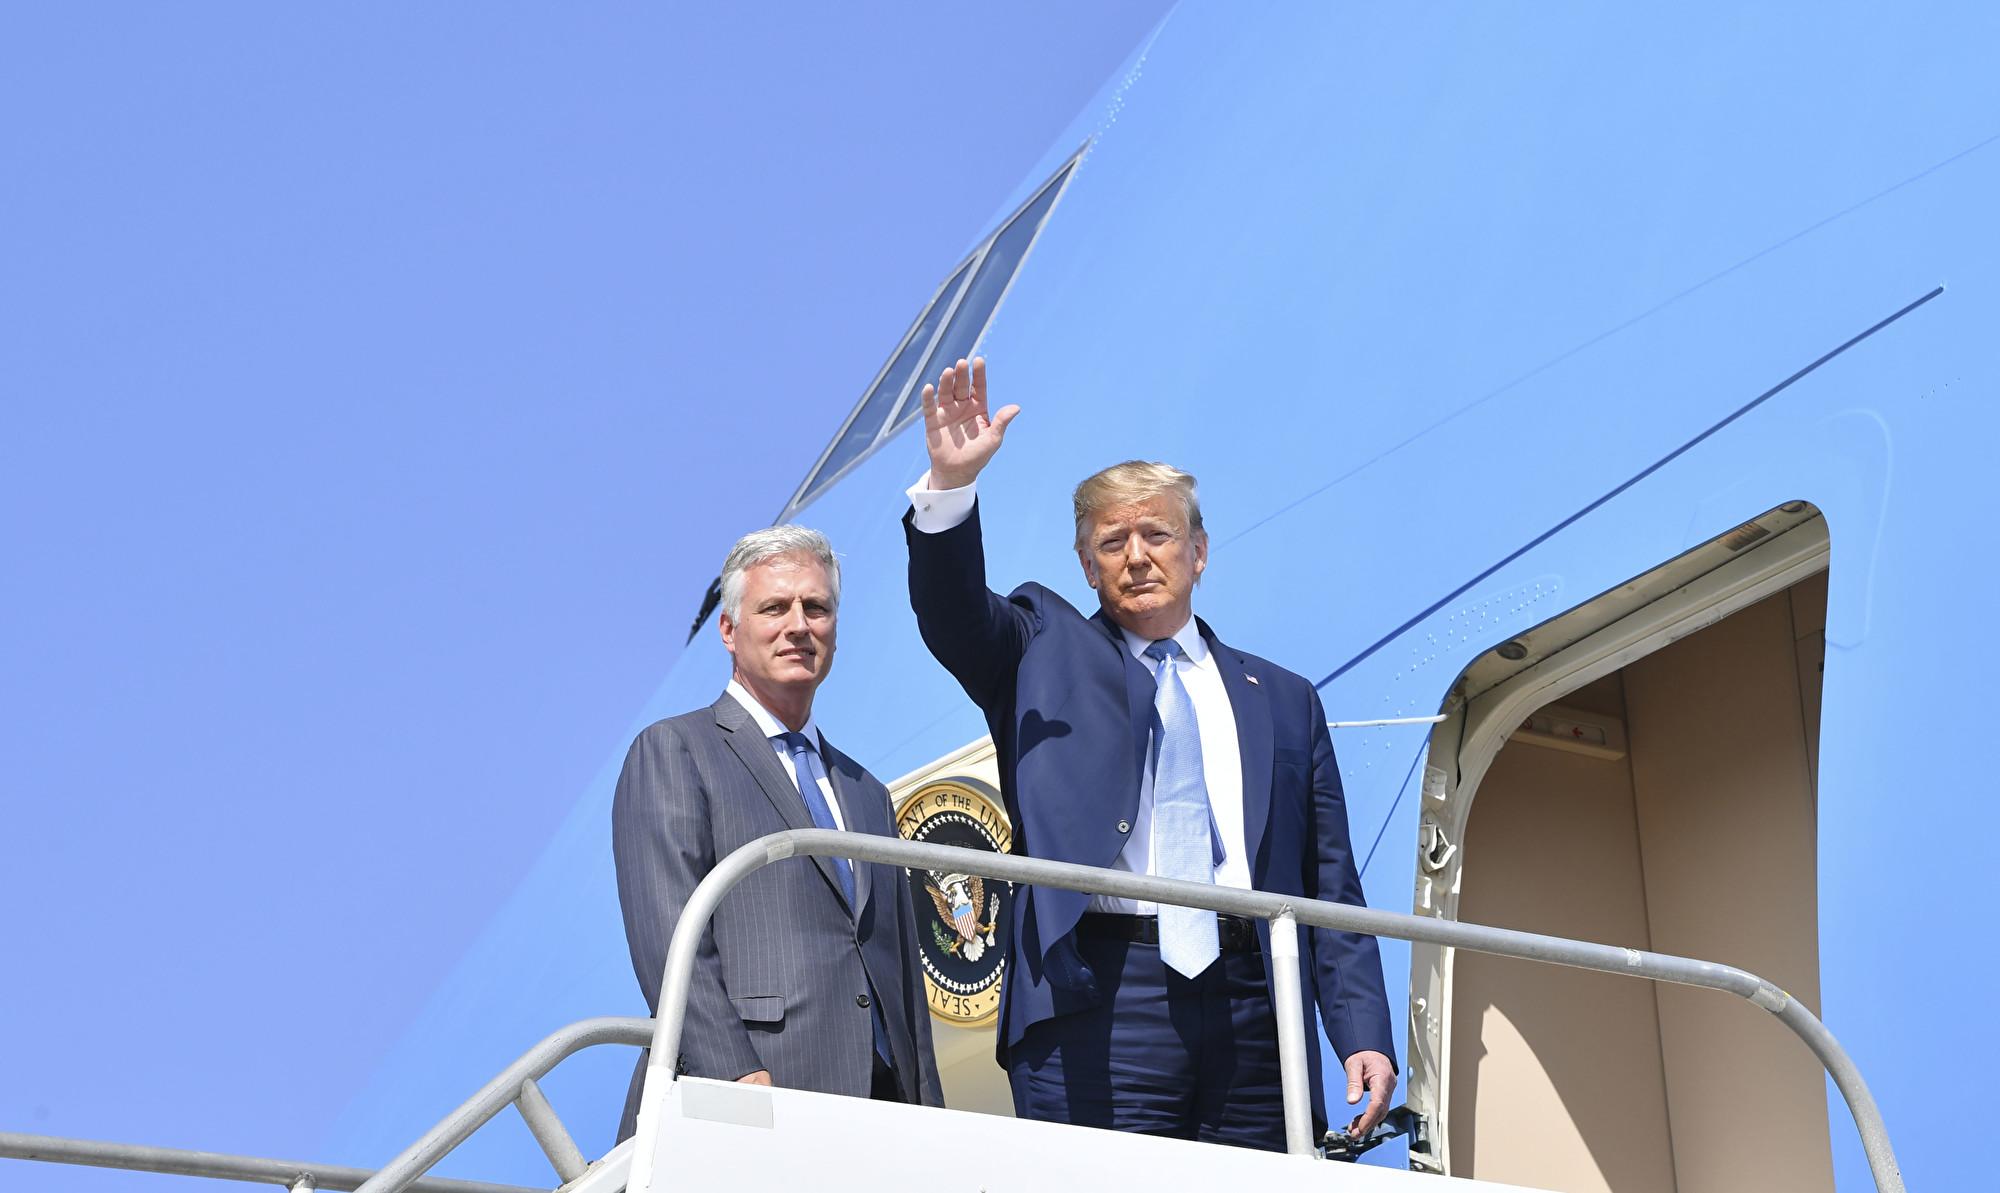 美國總統特朗普上周三(9月18日)任命美國人質談判代表羅伯特‧奧布萊恩(Robert O'Brien,左)擔任他的新白宮國家安全顧問。圖為上周三奧布萊恩和特朗普在加州。(Nicholas Kamm / AFP)